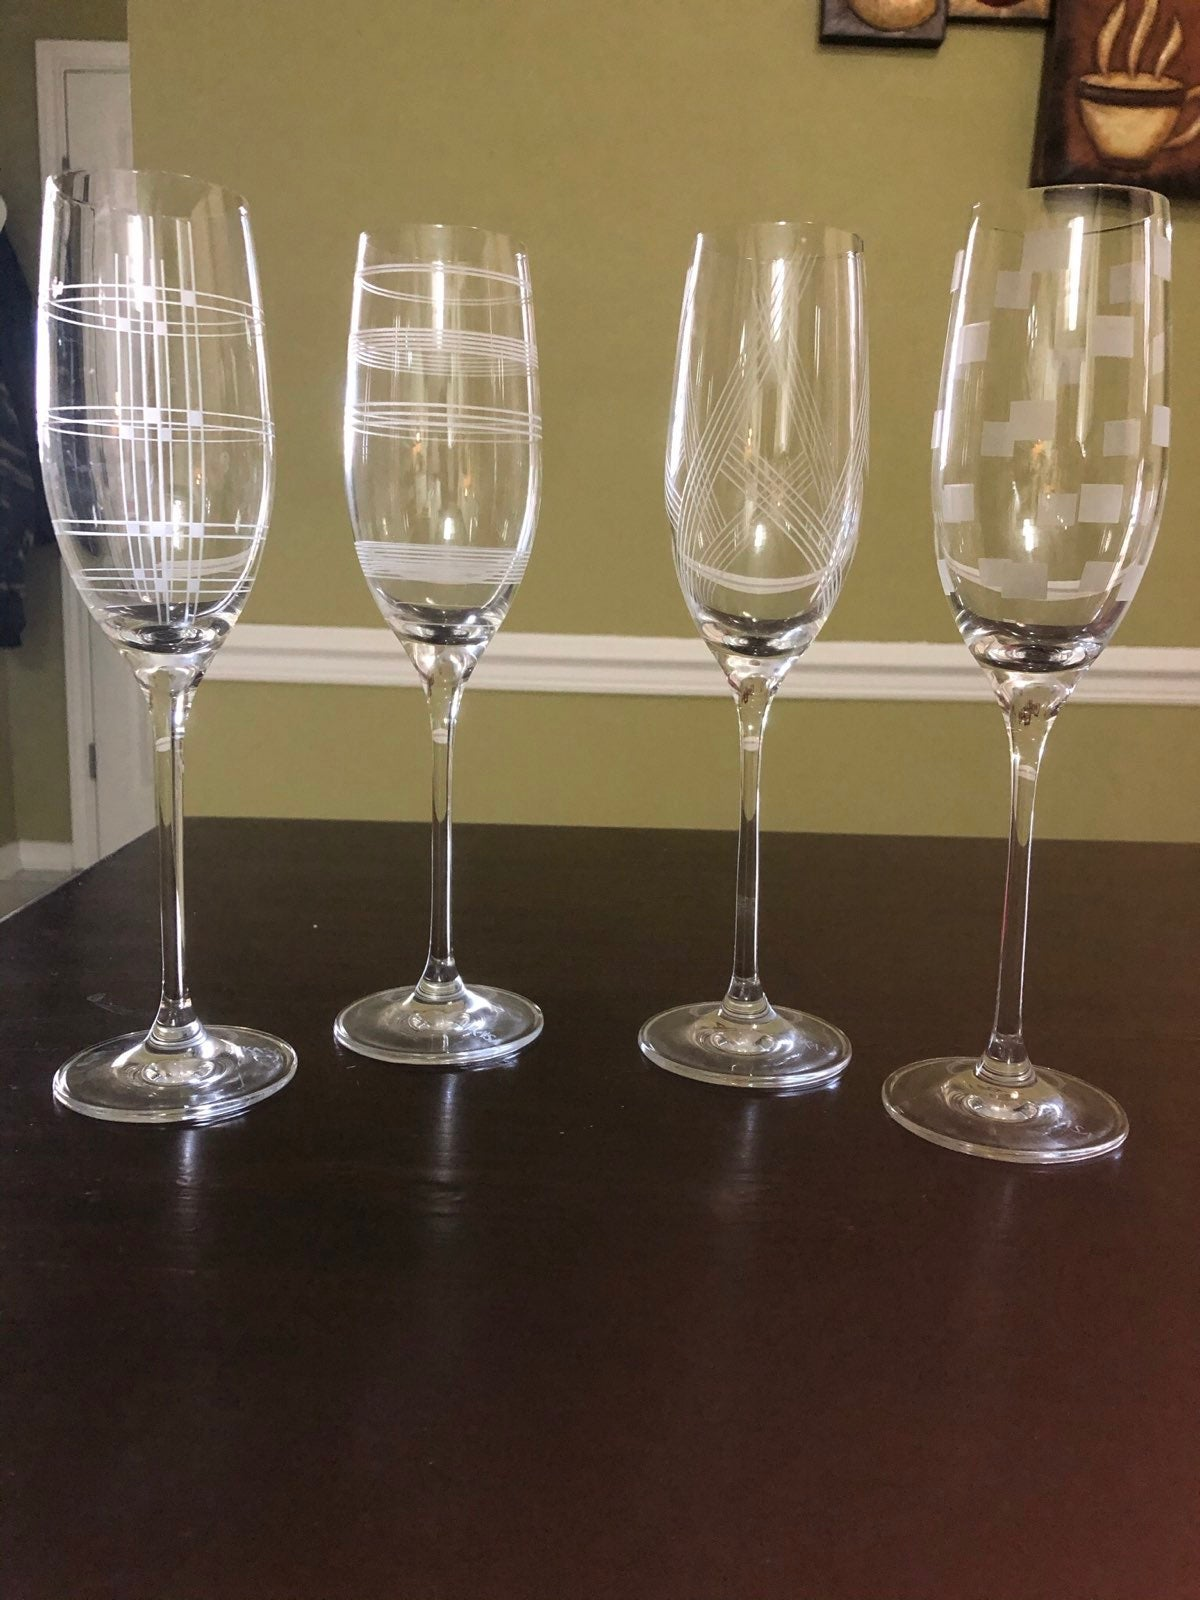 Mikasa champagne glasses